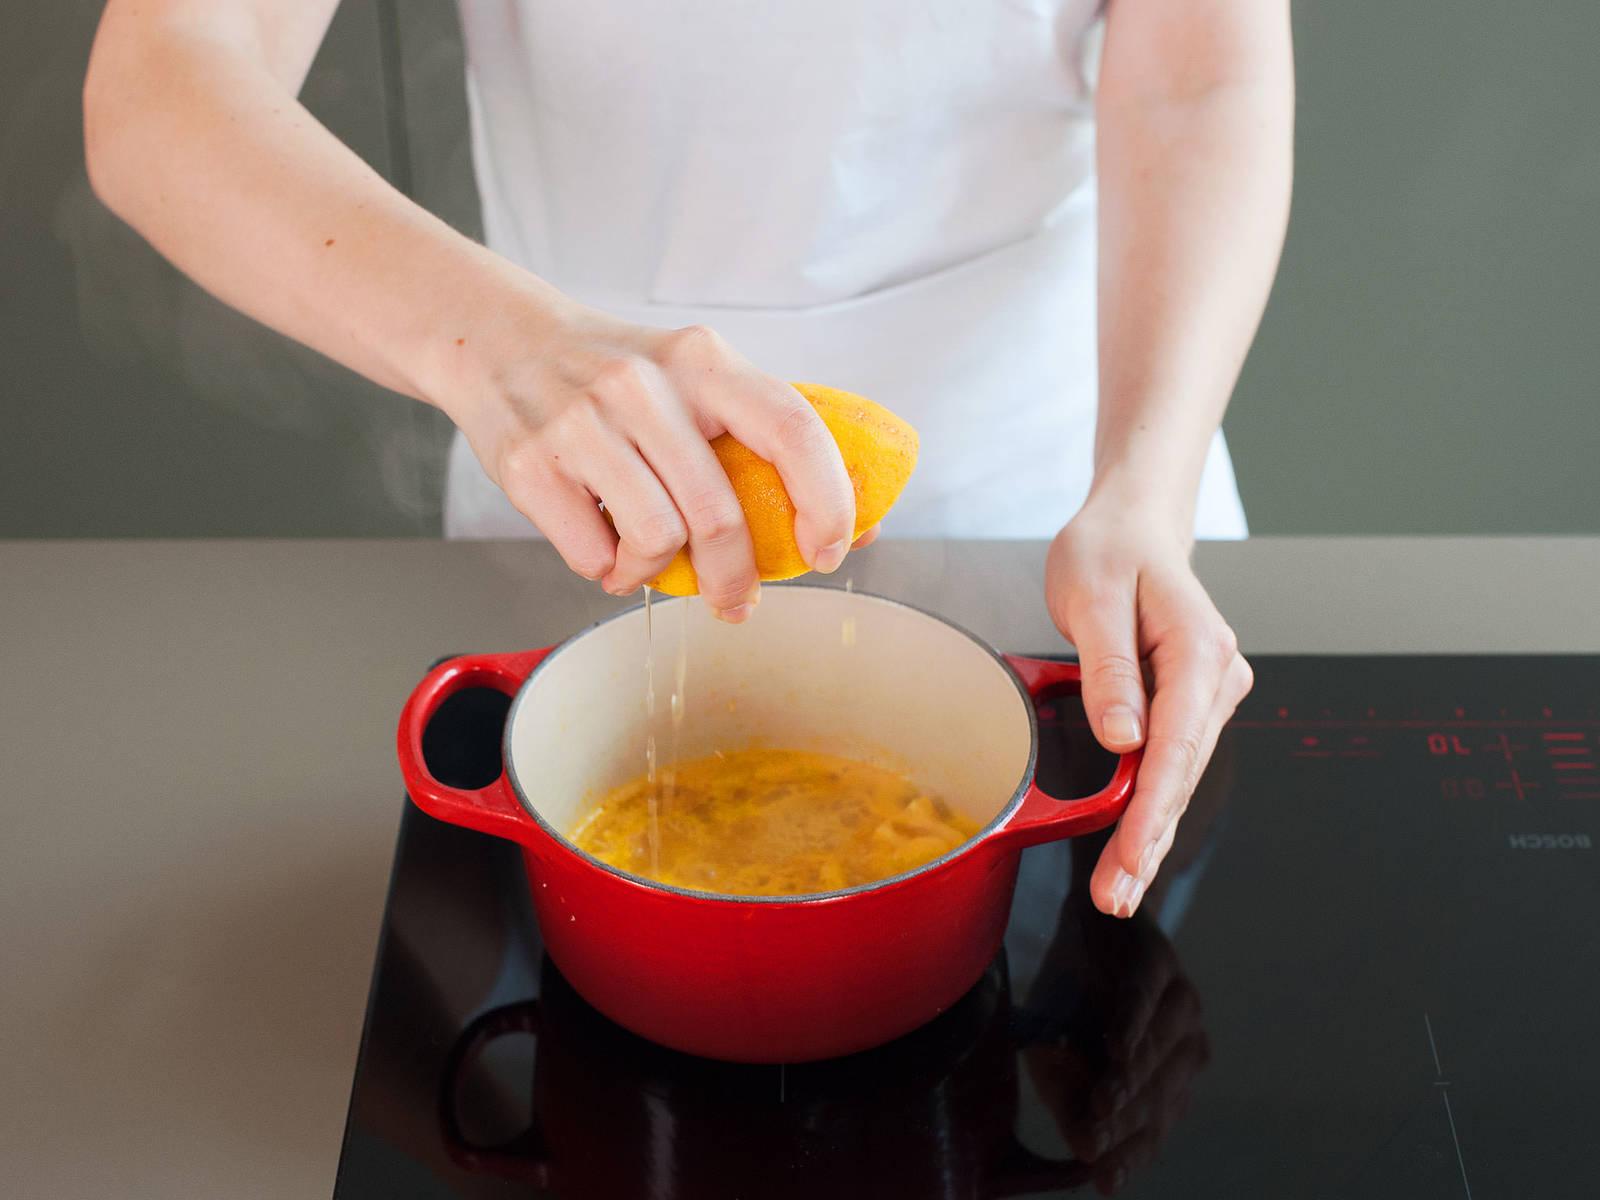 Für die Soße ca. ein Drittel der Orange abreiben und beiseitestellen. Saft und Fruchtfleisch in einem kleinen Topf bei mittlerer Hitze einkochen, bis der Saft auf etwa die Hälfte reduziert ist.